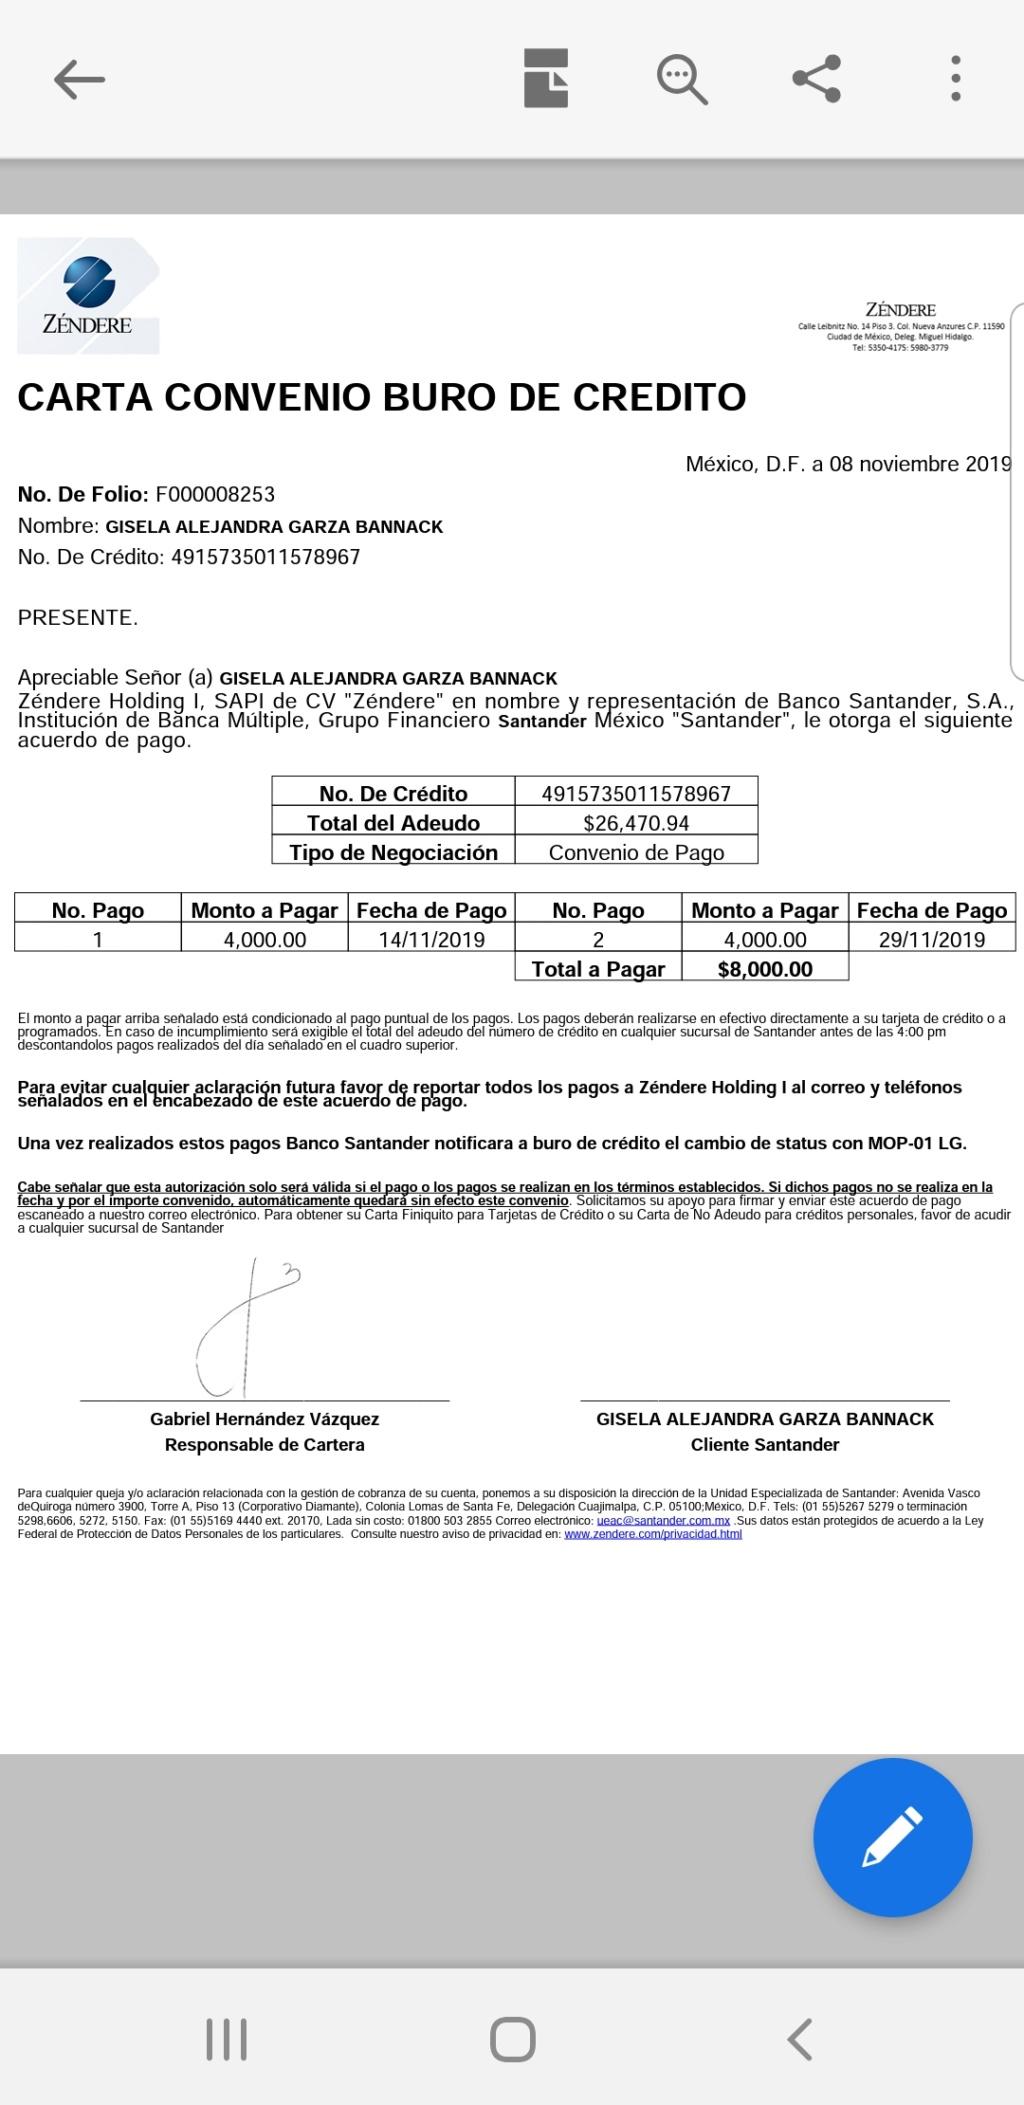 Carta convenio ZENDERE Screen11